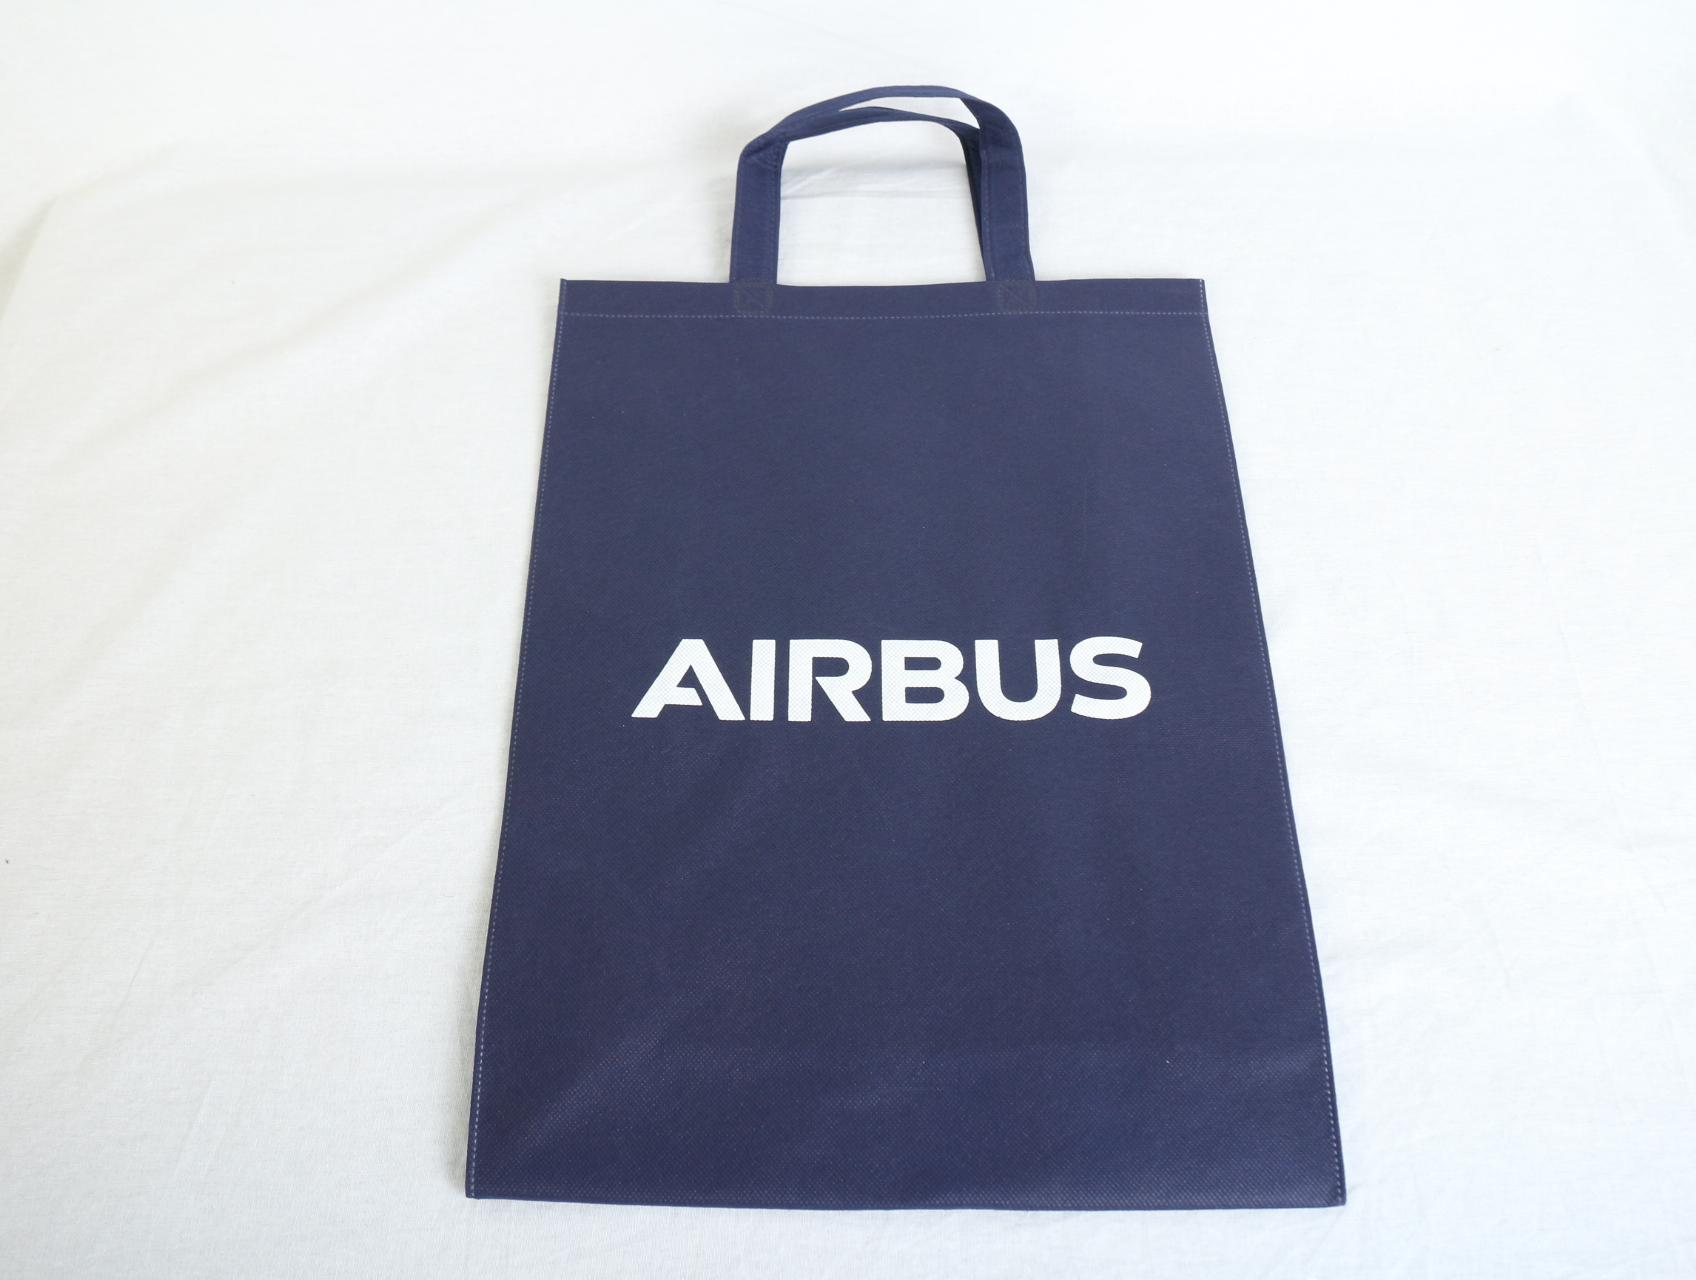 2回目の製作!世界No.1のヘリコプターメーカーである企業様がご利用になられる会社用不織布袋